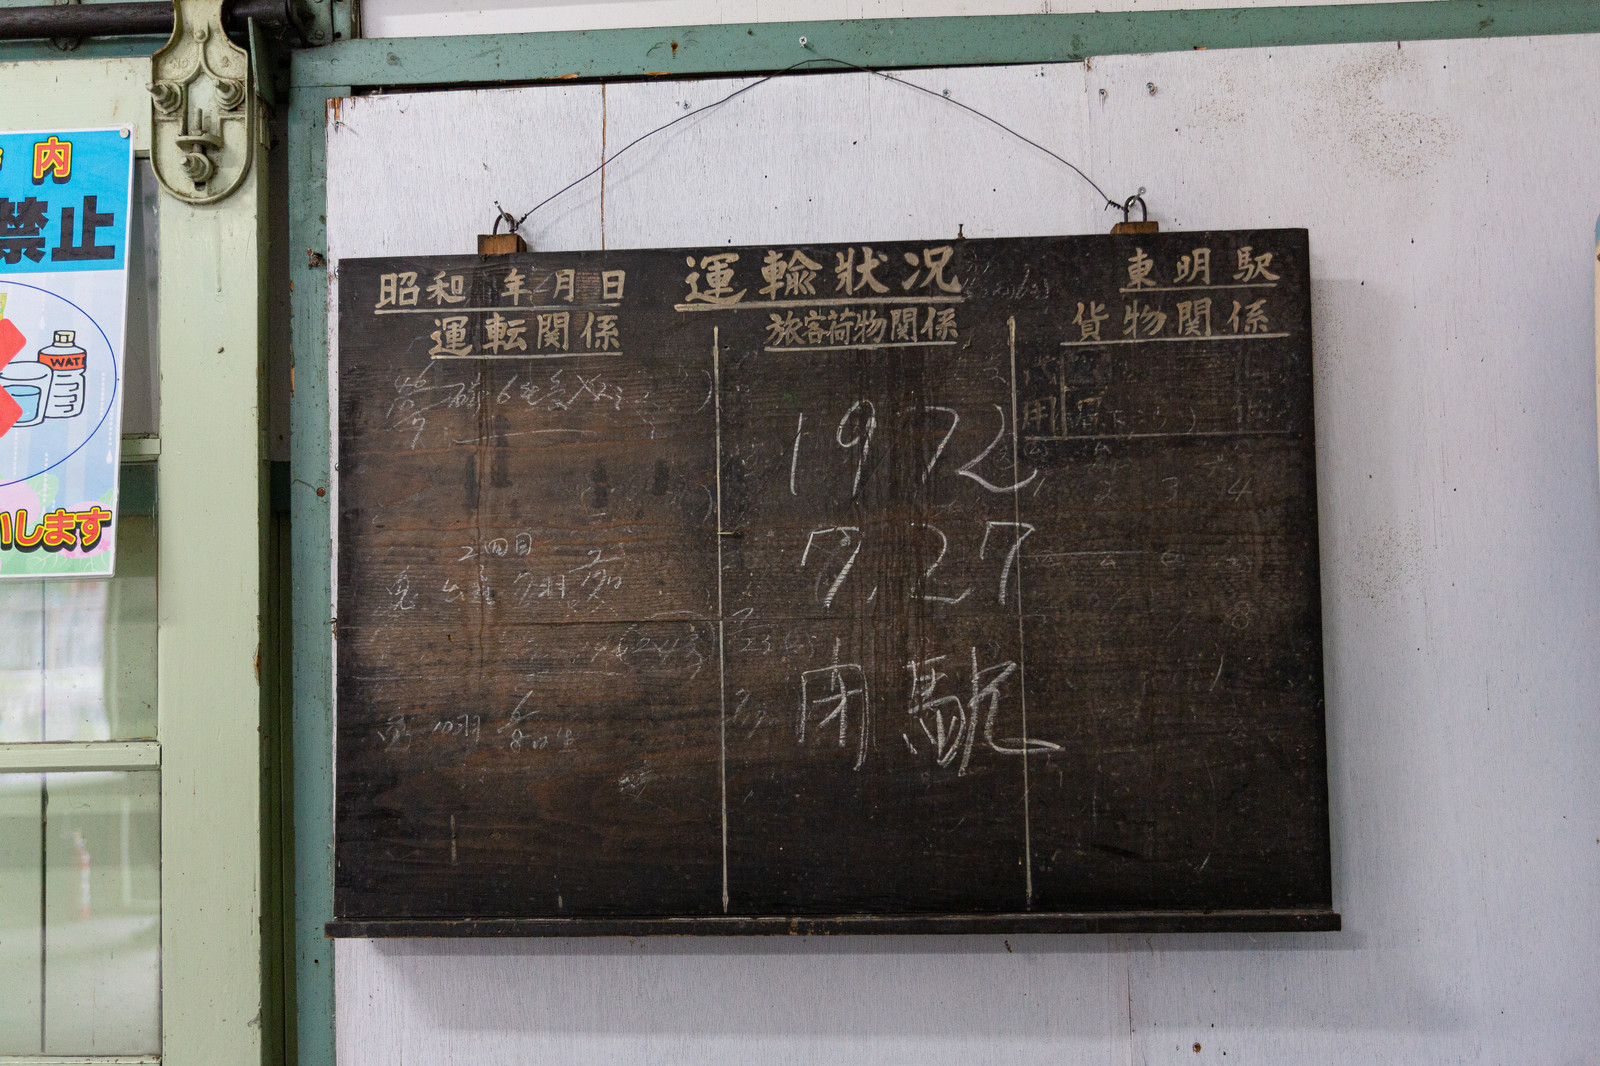 「美唄鉄道東明駅の黒板に書かれた「閉駅」の文字」の写真